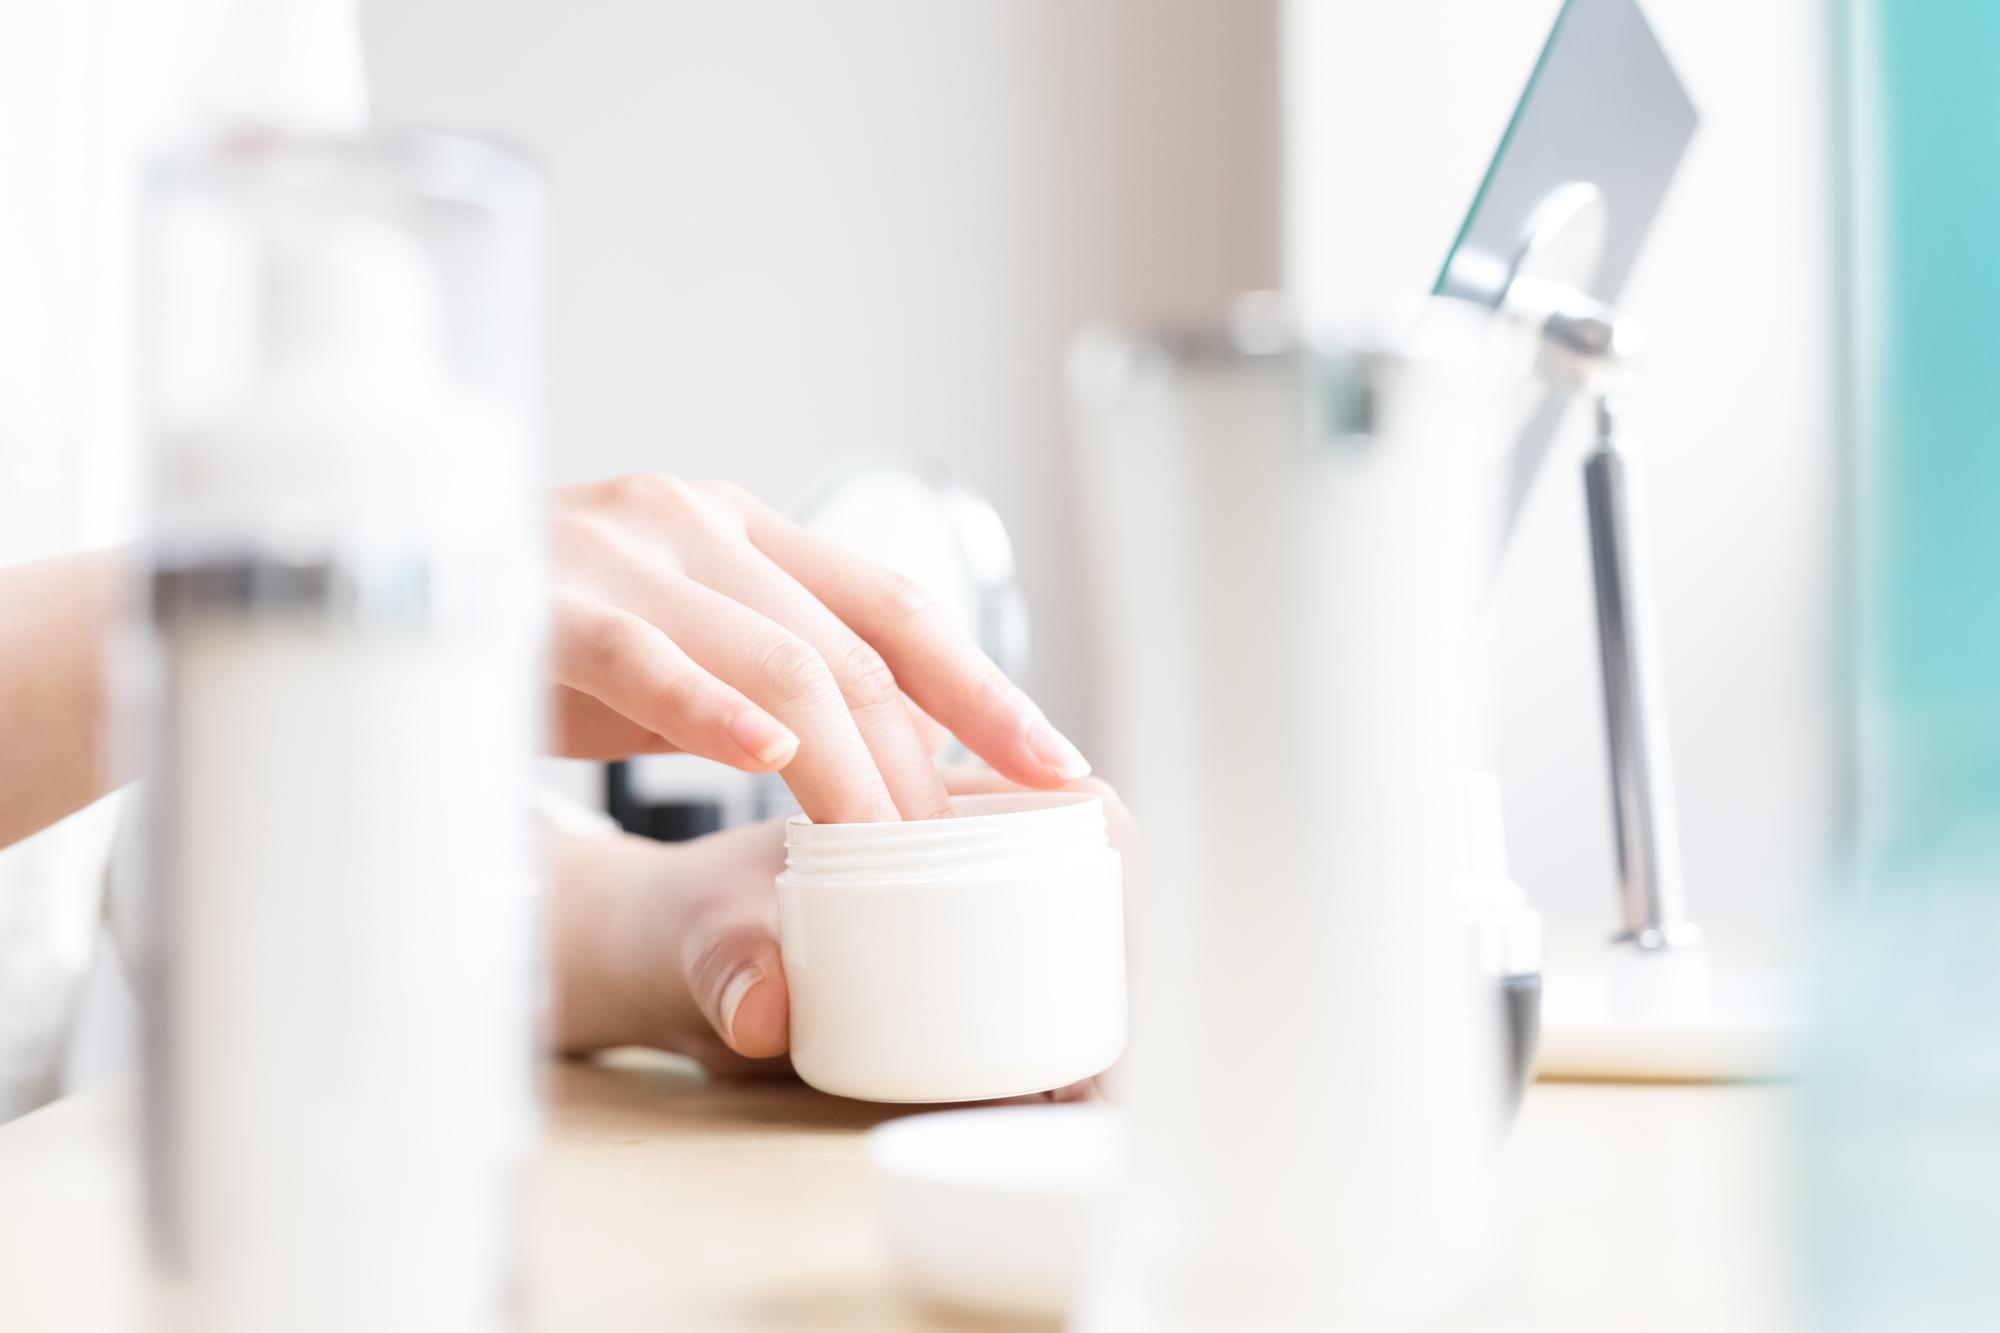 美白クリームおすすめ12選!美白成分から選ぶ本当に効果的なクリームは?